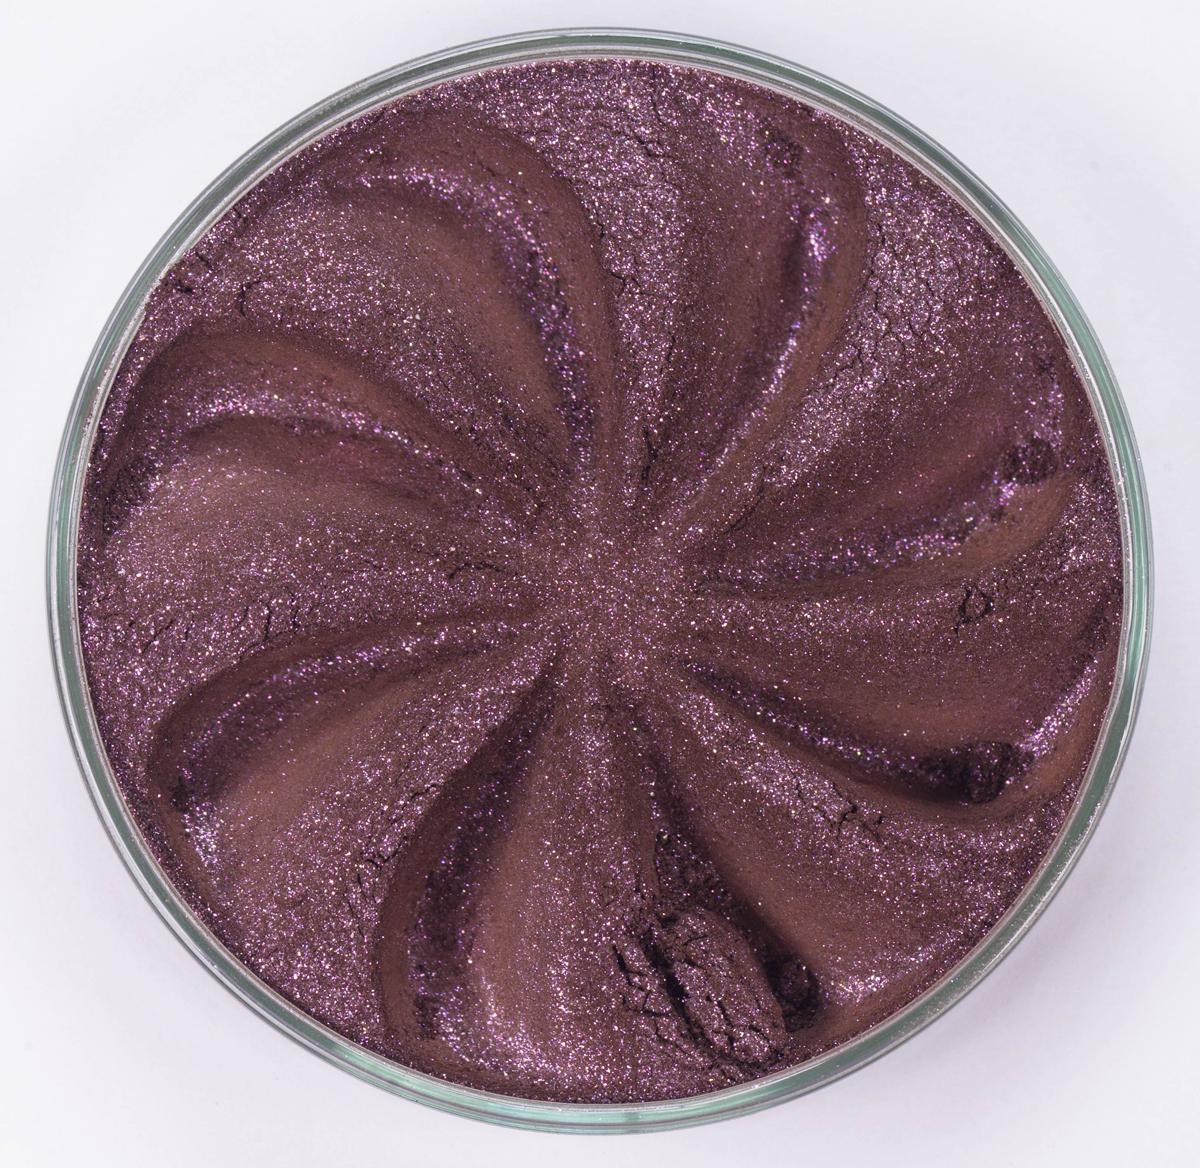 Era Minerals Минеральные Тени для век Luster тон L06 (коричневый с пурпурными блестками), 4 млEYL06Тени для век обеспечивают комплексное покрытие, своим сиянием напоминающее как глубину, так и лучезарный блеск драгоценного камня. Текстура теней содержит в себе цвет-основу с содержанием крошечных мерцающих частиц, превосходно сочетающихся с основным цветом. Сильные и яркие минеральные пигменты Можно наносить как влажным, так и сухим способом Без отдушек и содержания масел, для всех типов кожи Дерматологически протестировано, не аллергенно Не тестировано на животных Вес нетто 1г (стандартный размер)